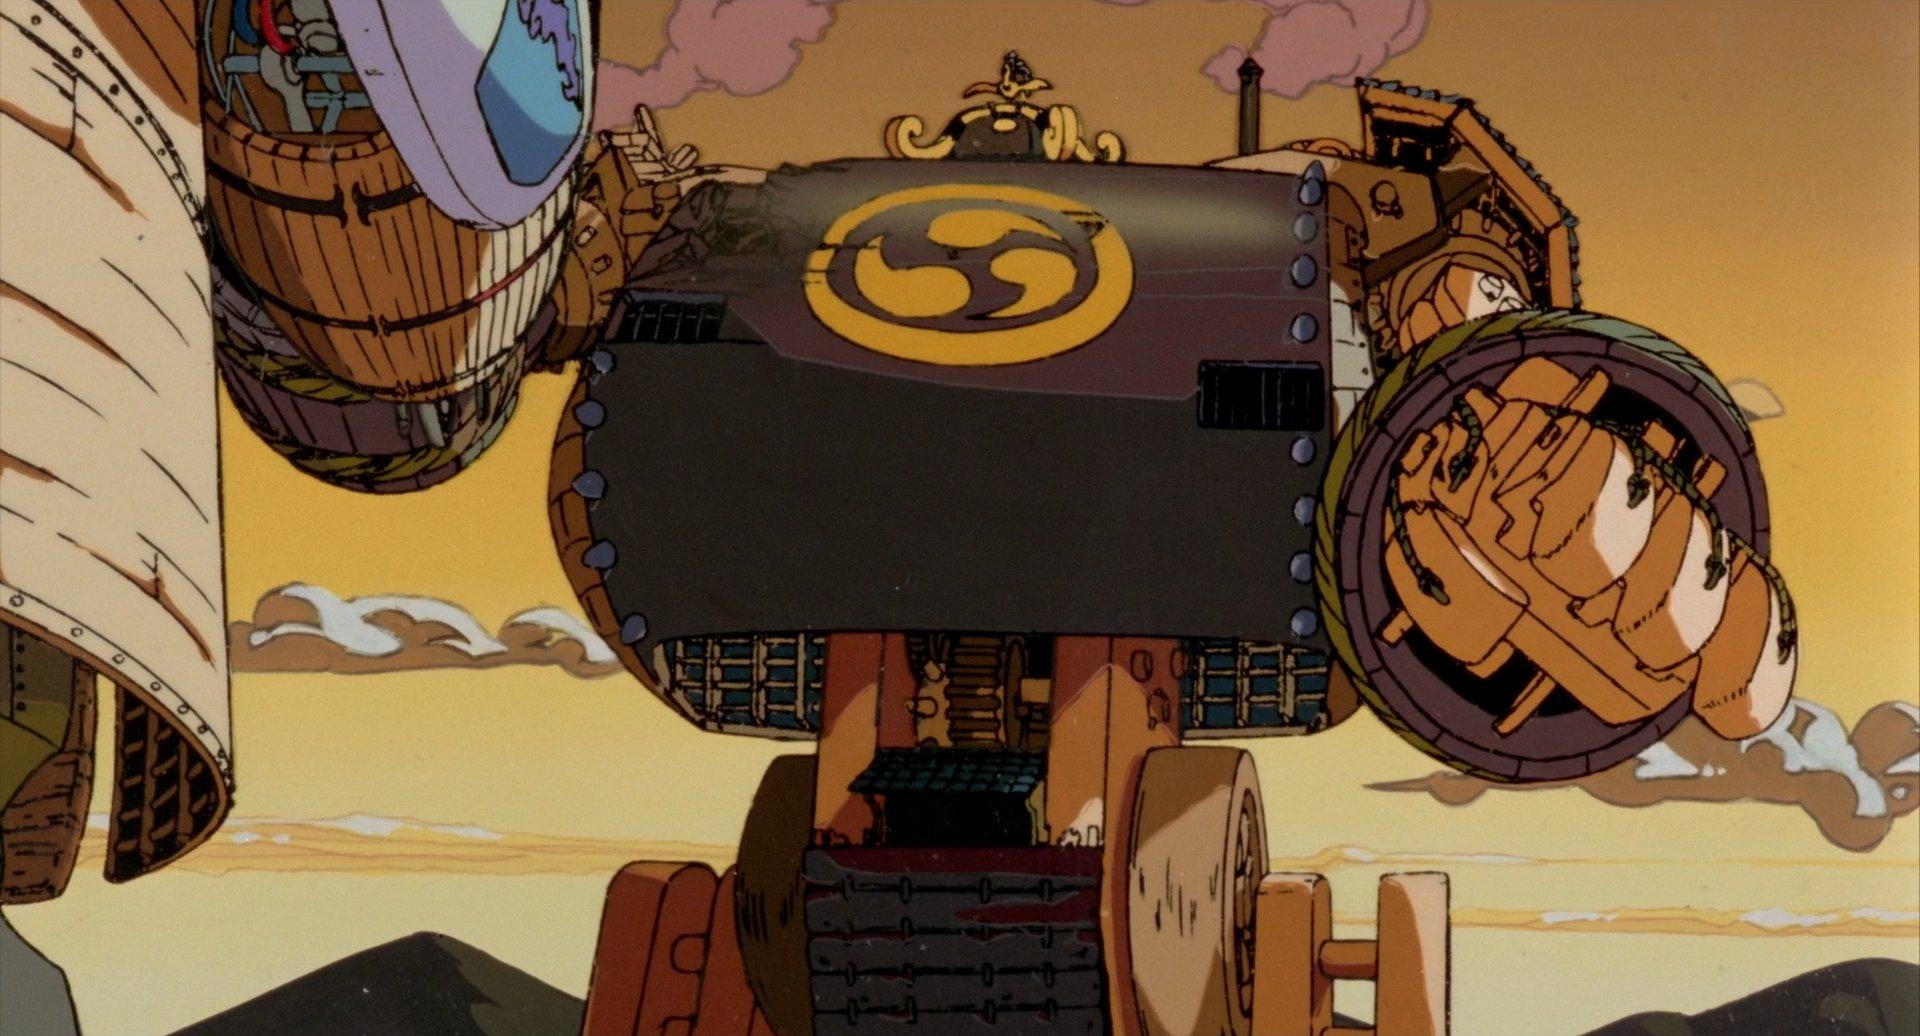 『ロボットカーニバル』より「明治からくり文明奇譚」